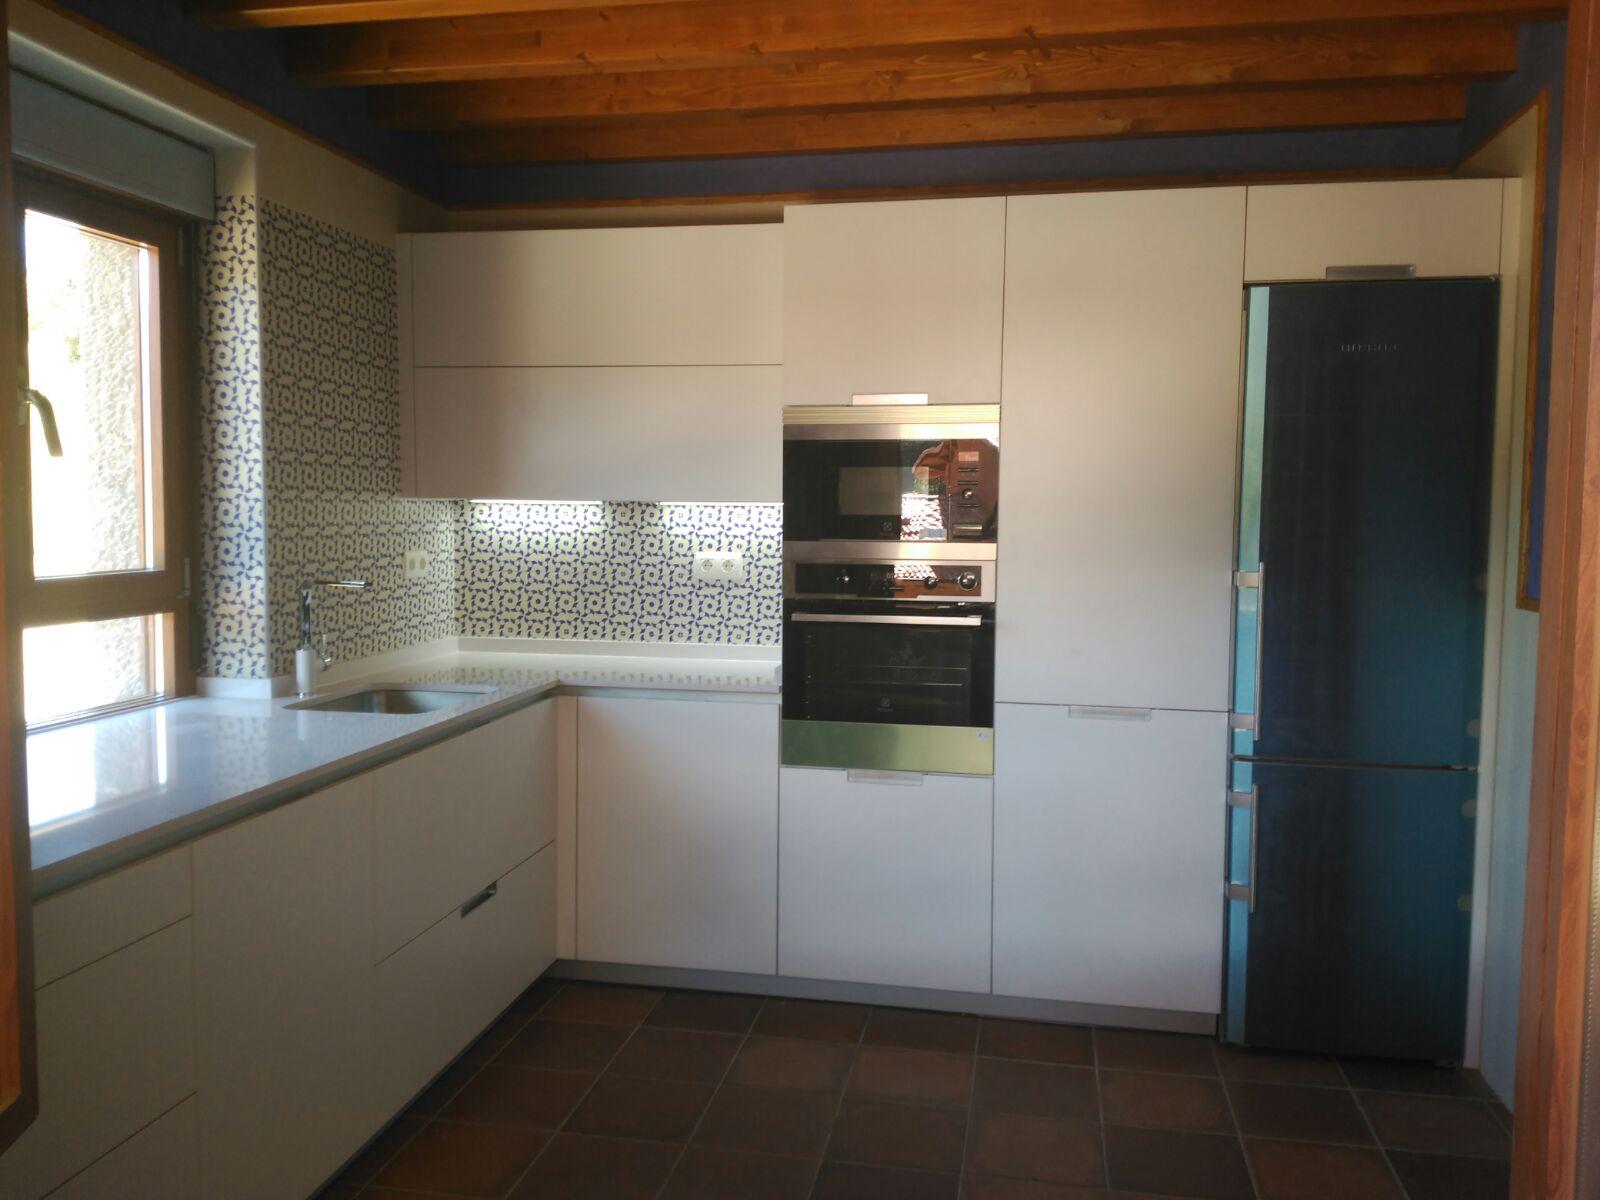 Casa de campo lumber cocinas - Cocinas casa de campo ...